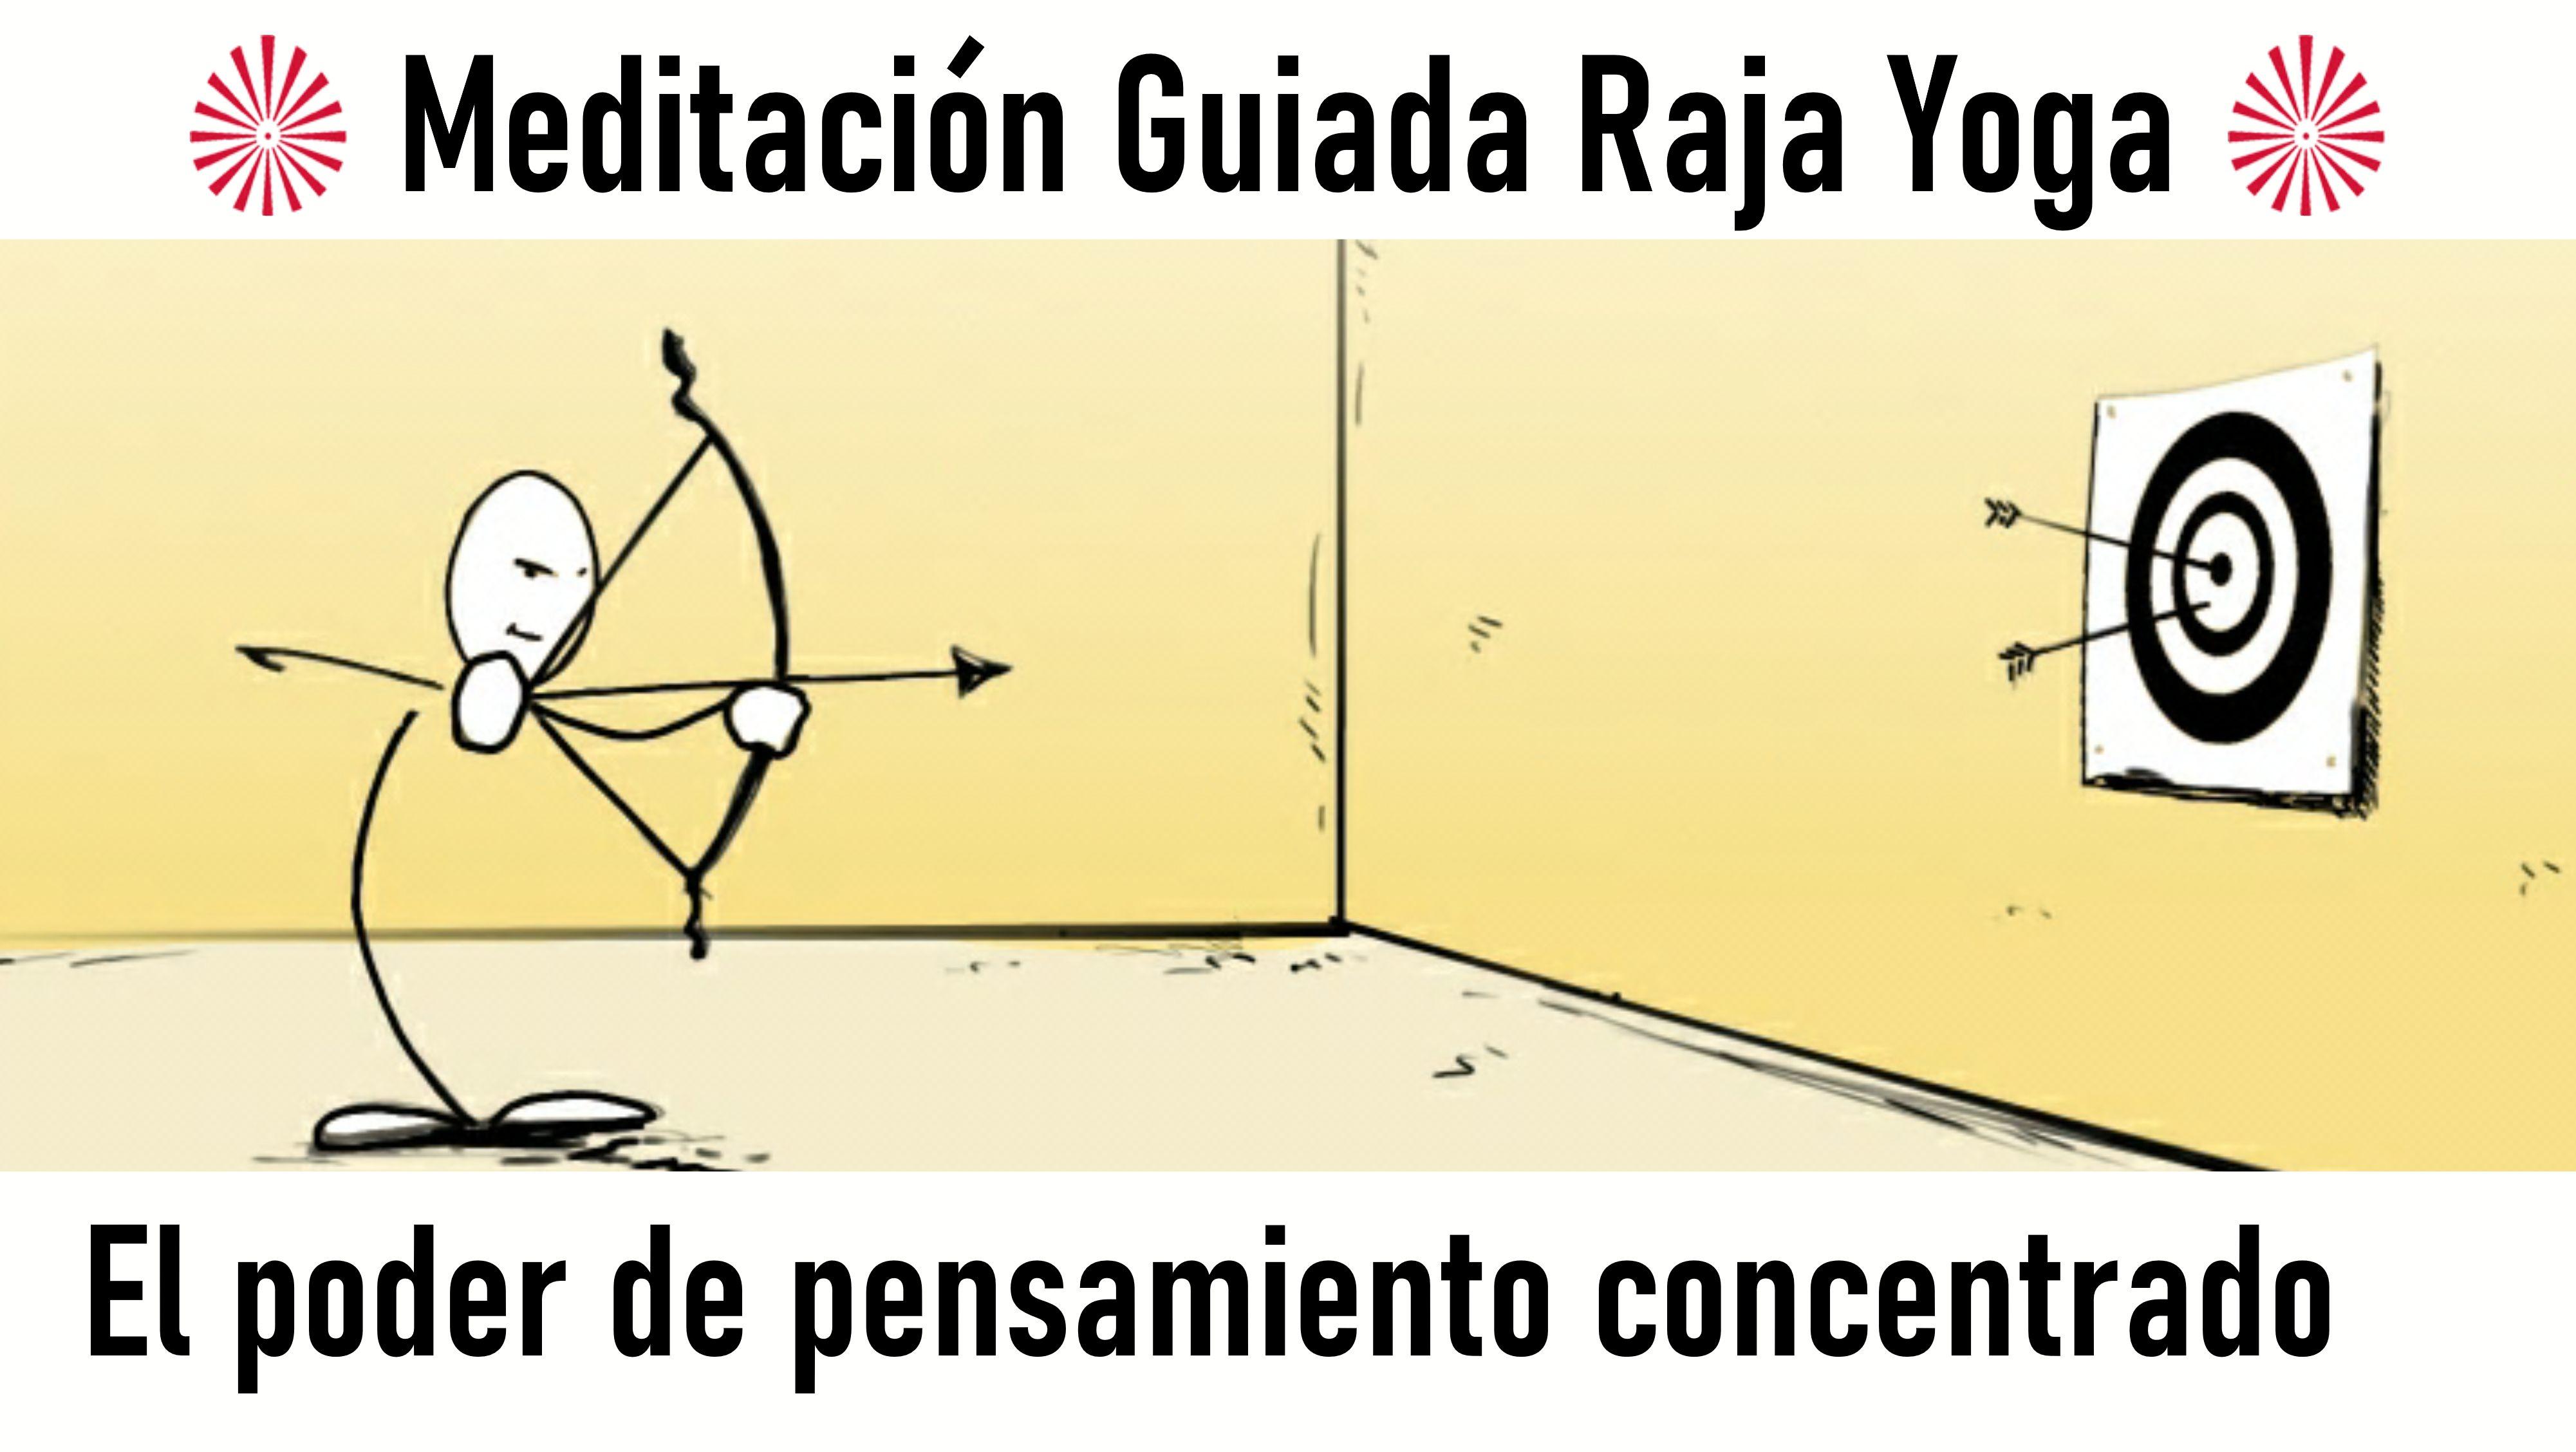 14 Agosto 2020 Meditación guiada: El poder del pensamiento concentrado